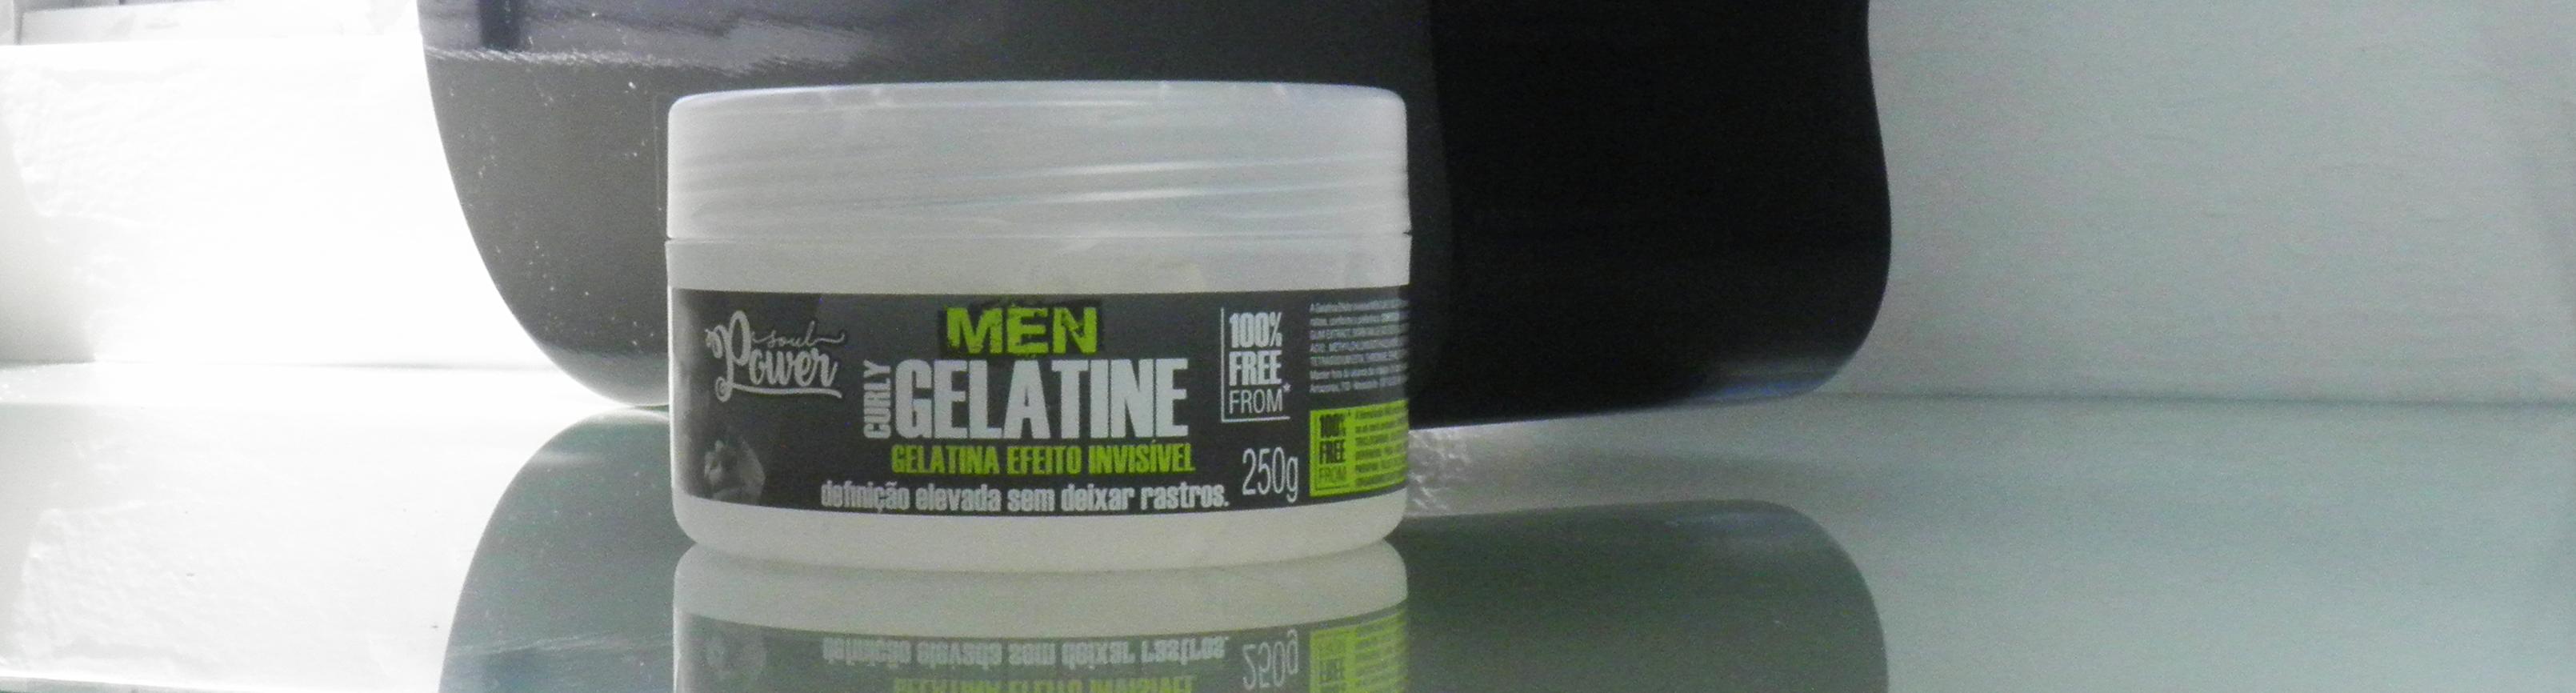 Resenha Gelatina Curly Gelatine - Soul Power Men (Vegano e Liberado para Low Poo e No Poo)